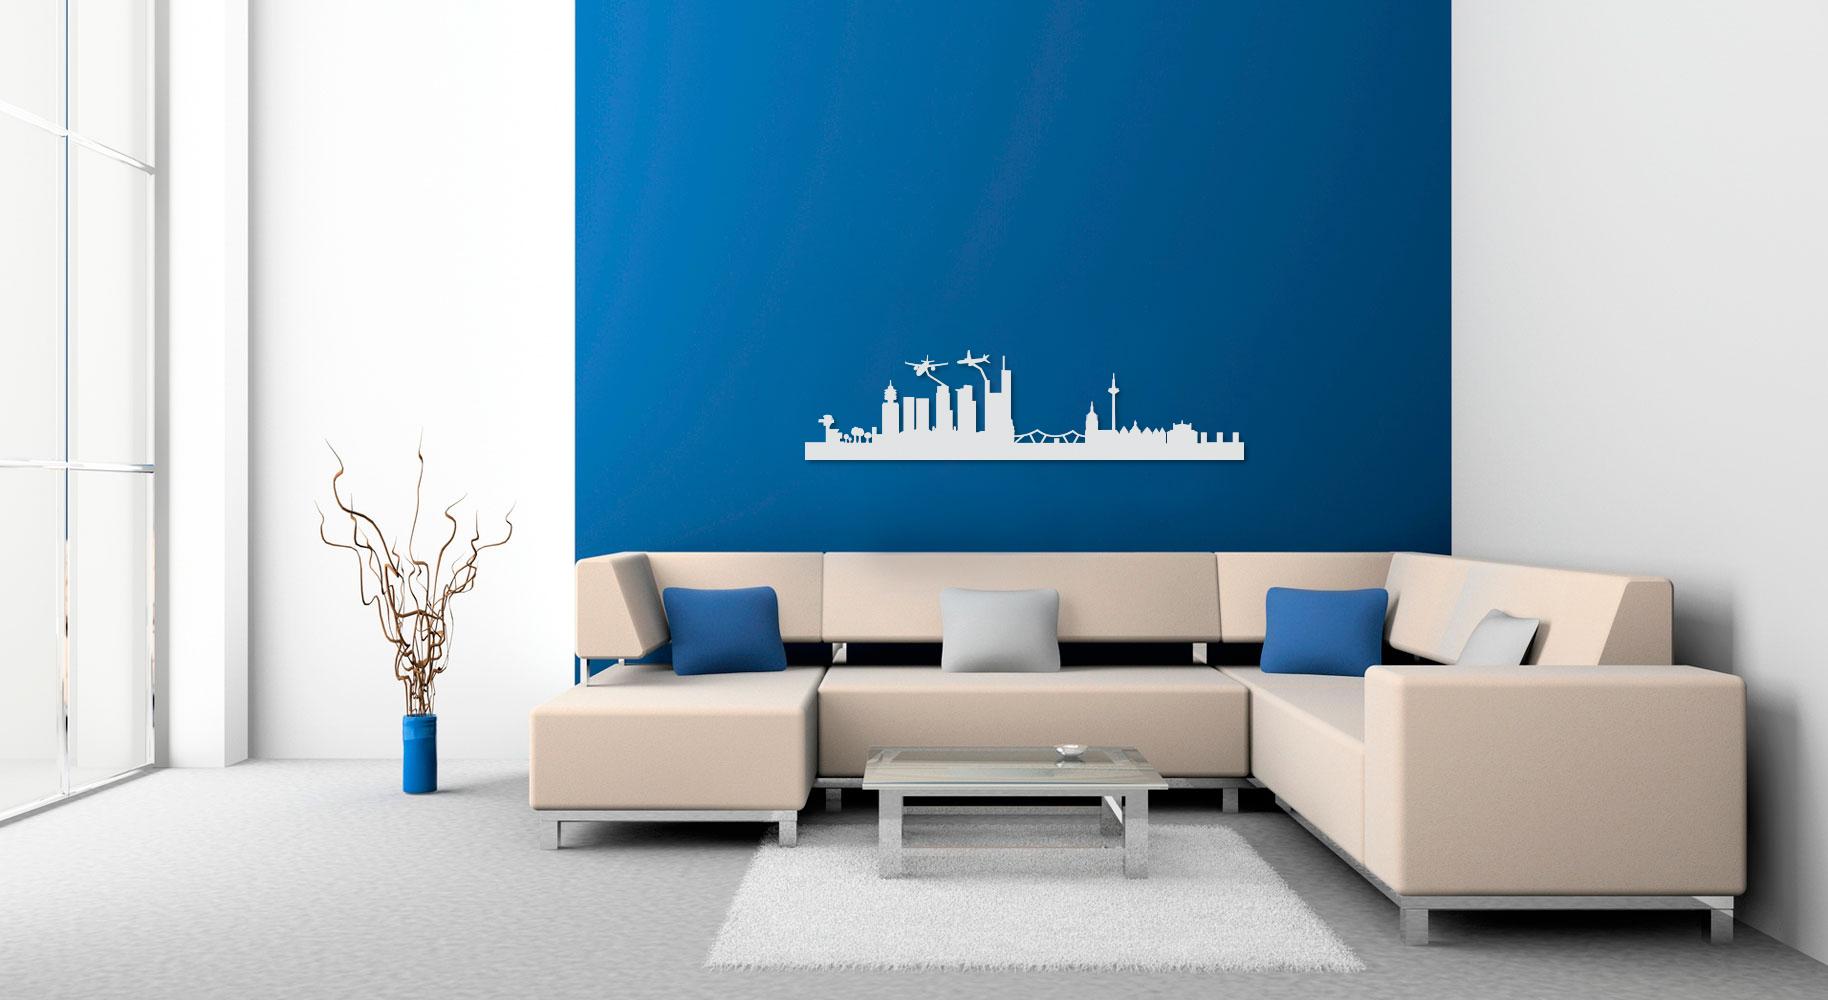 frankfurt wandtattoo aus stahl oder edelstahl optional mit led ab 39 99 wandtattoos aus. Black Bedroom Furniture Sets. Home Design Ideas